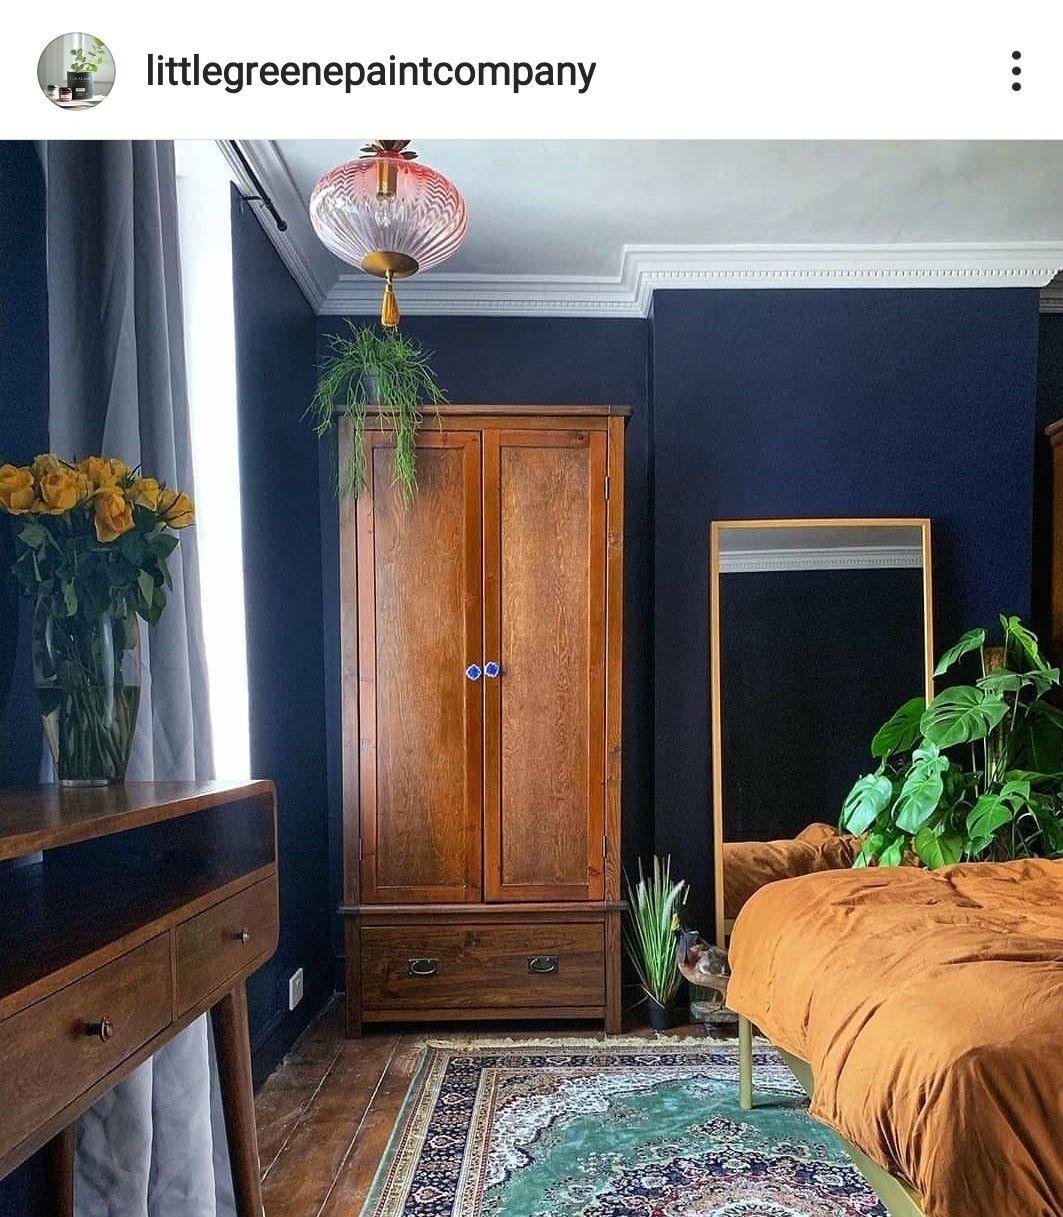 Dock Blue Little Greene Paint Blue Bedroom Decor Dark Blue Bedroom Walls Blue Bedroom Walls